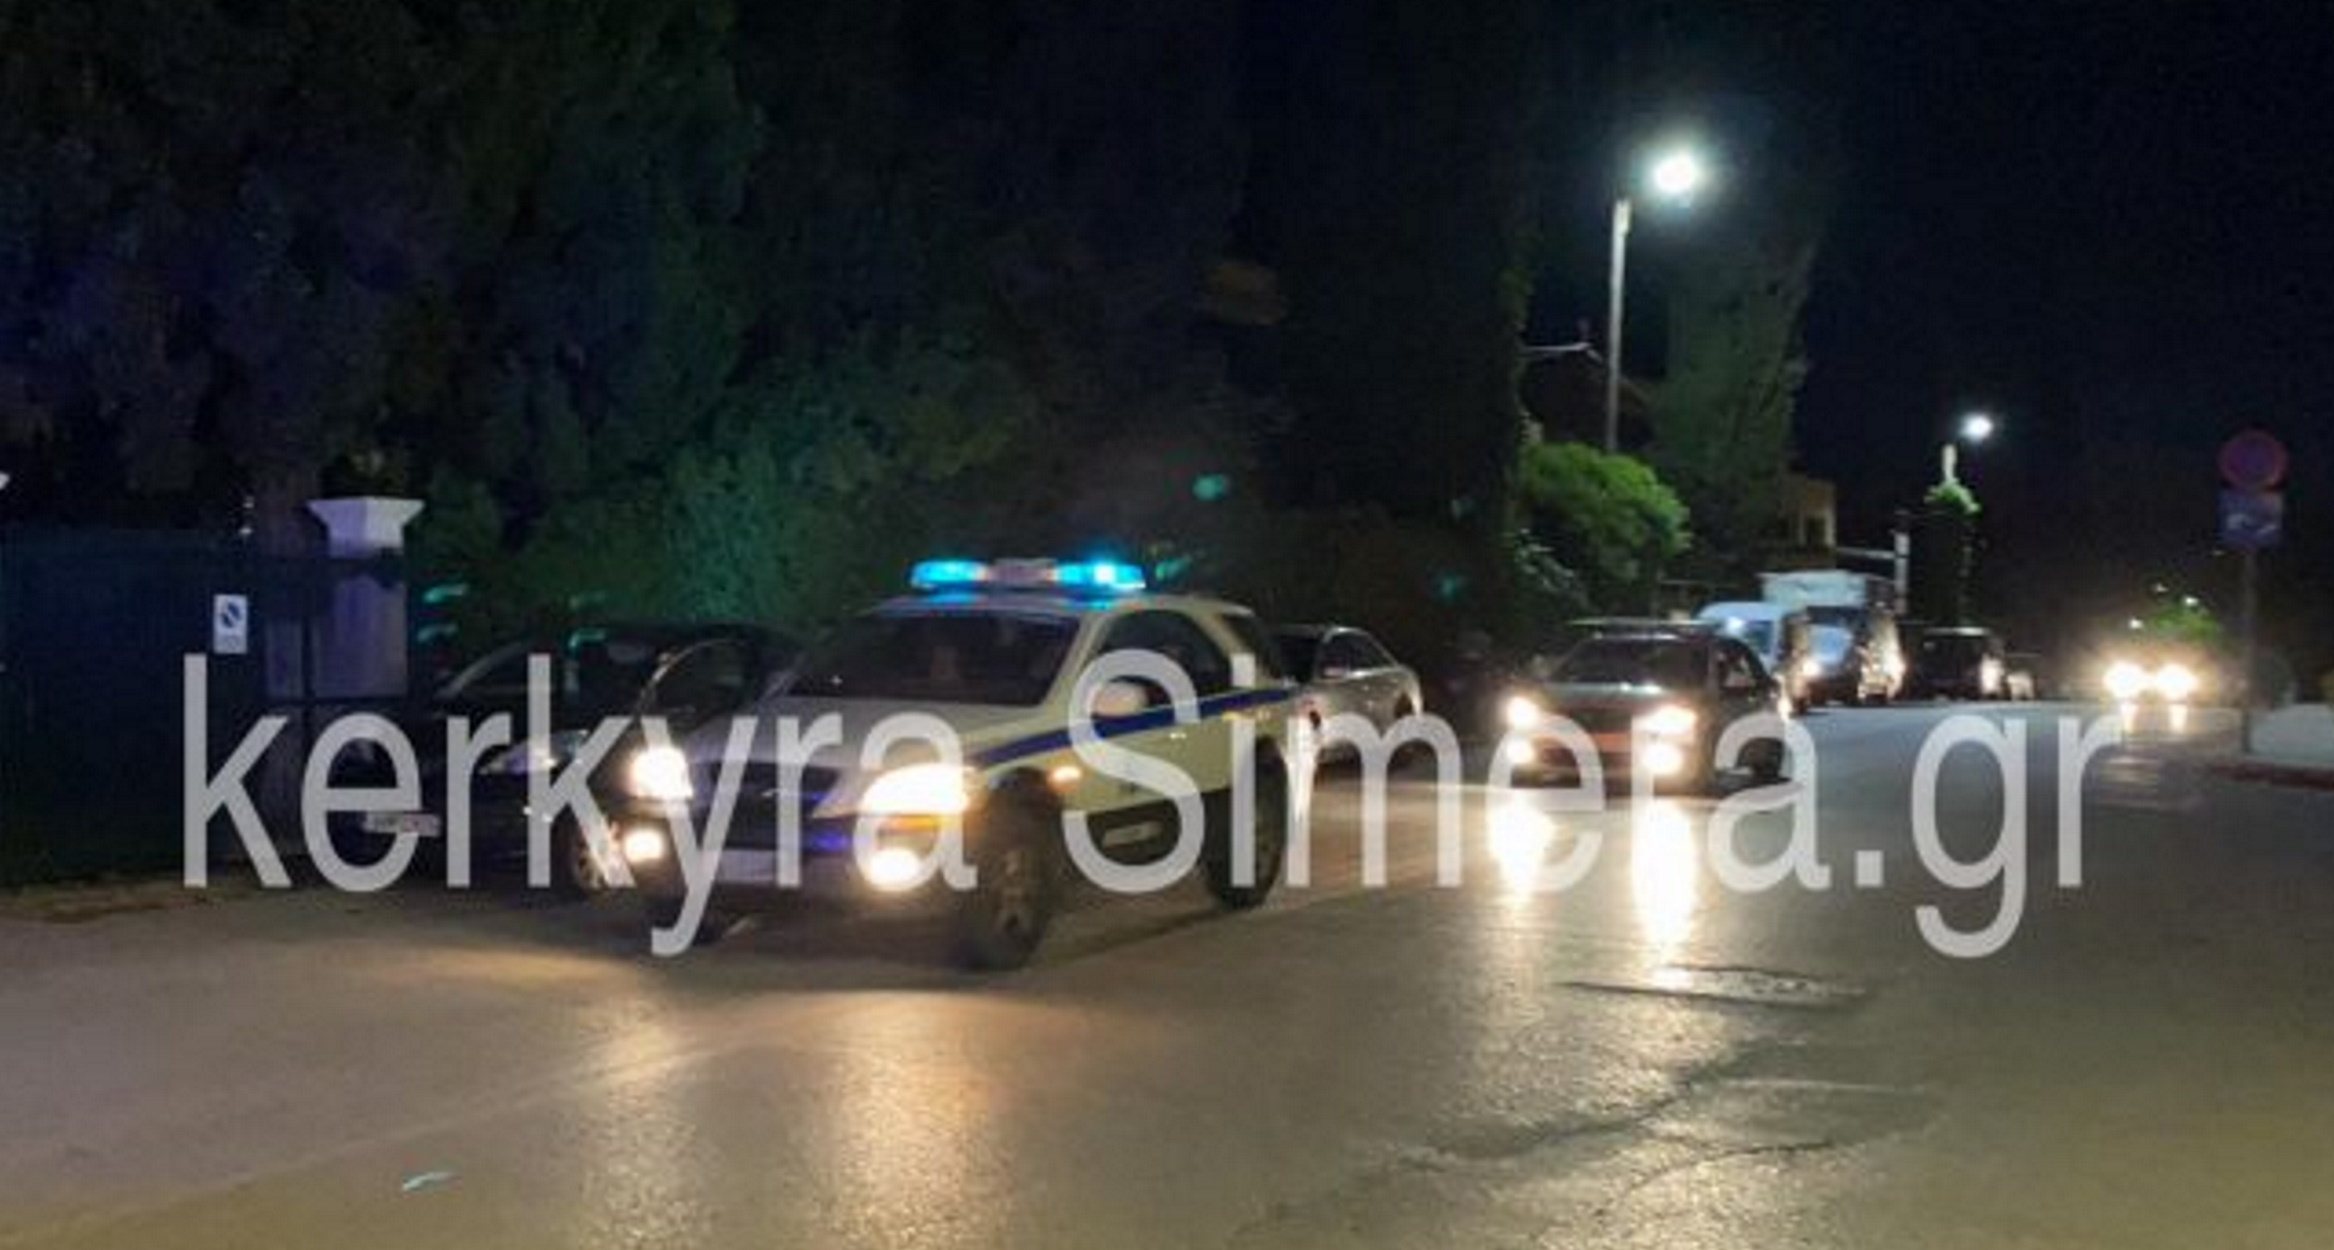 """Κέρκυρα: Η κινηματογραφική επιχείρηση για το """"βιαστή του Κάβου"""" – Νοσηλεύεται σοβαρά τραυματισμένος από την πτώση στη χαράδρα (pics, video)"""